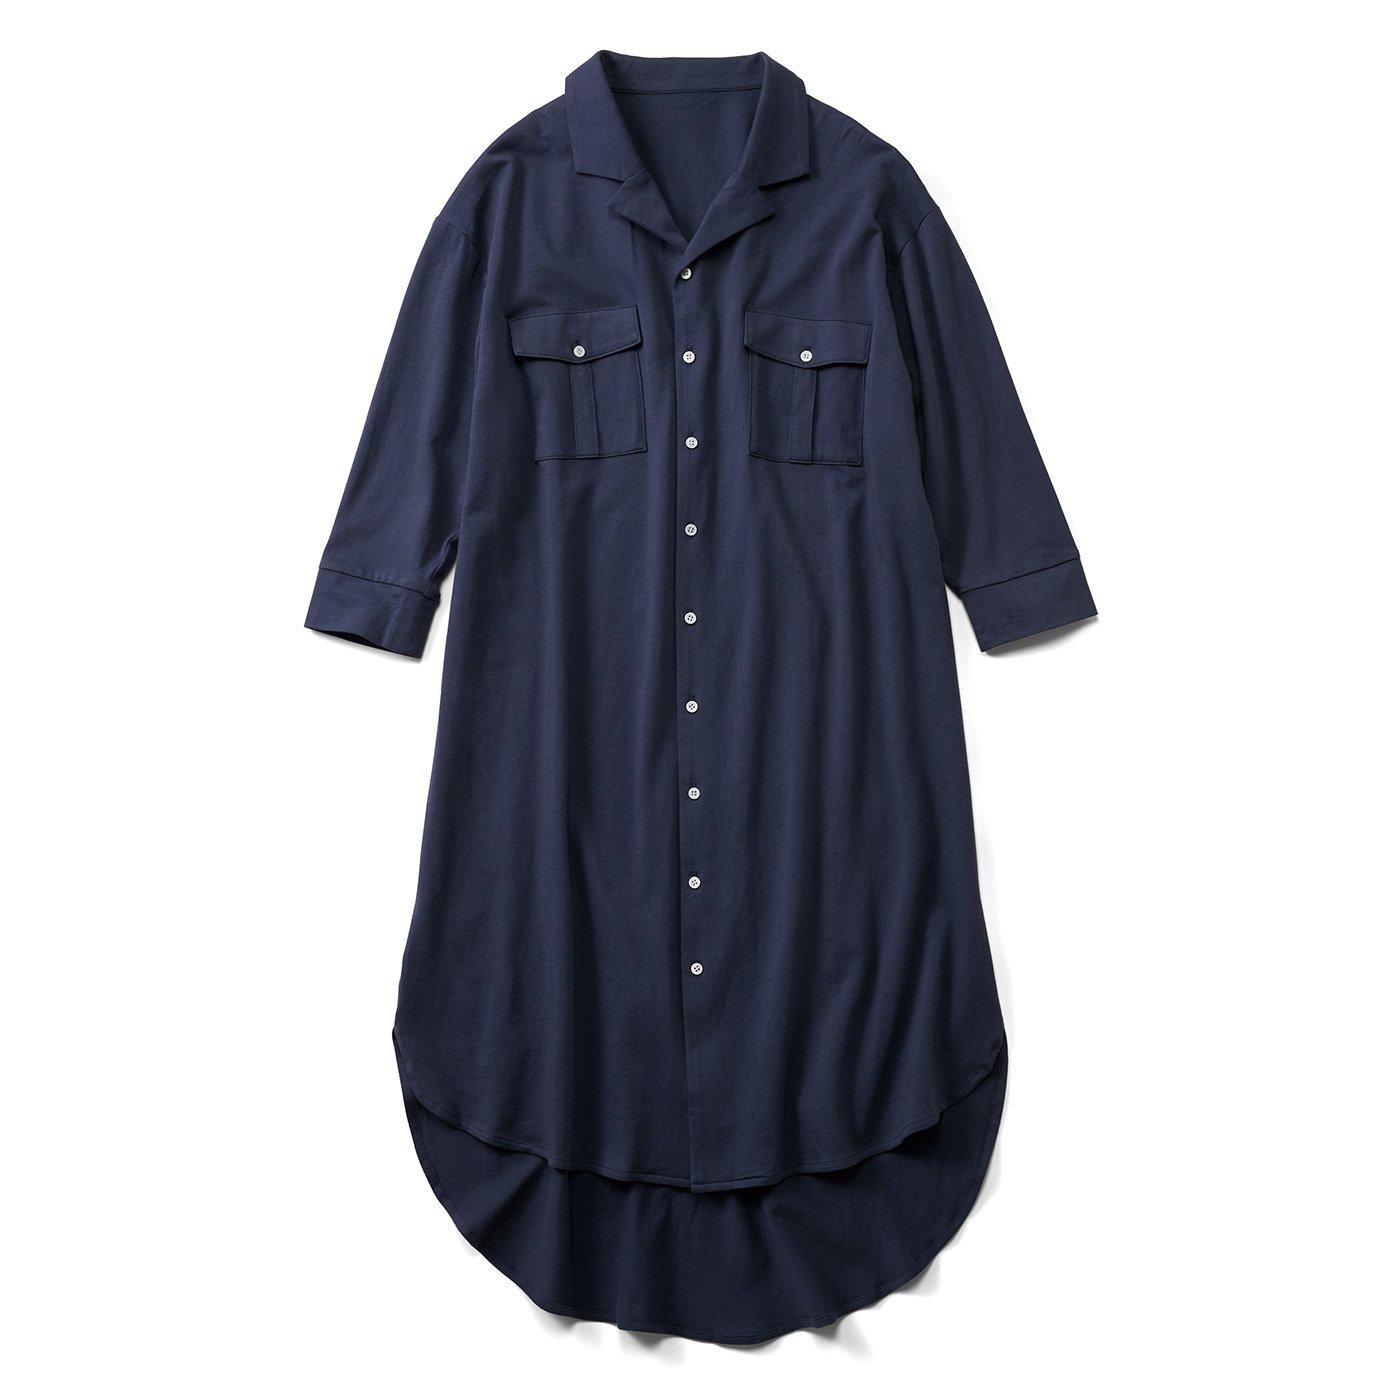 リブ イン コンフォート カットソー素材でらくちん! 着るだけでスタイル決まるシャツワンピース〈ブルーネイビー〉